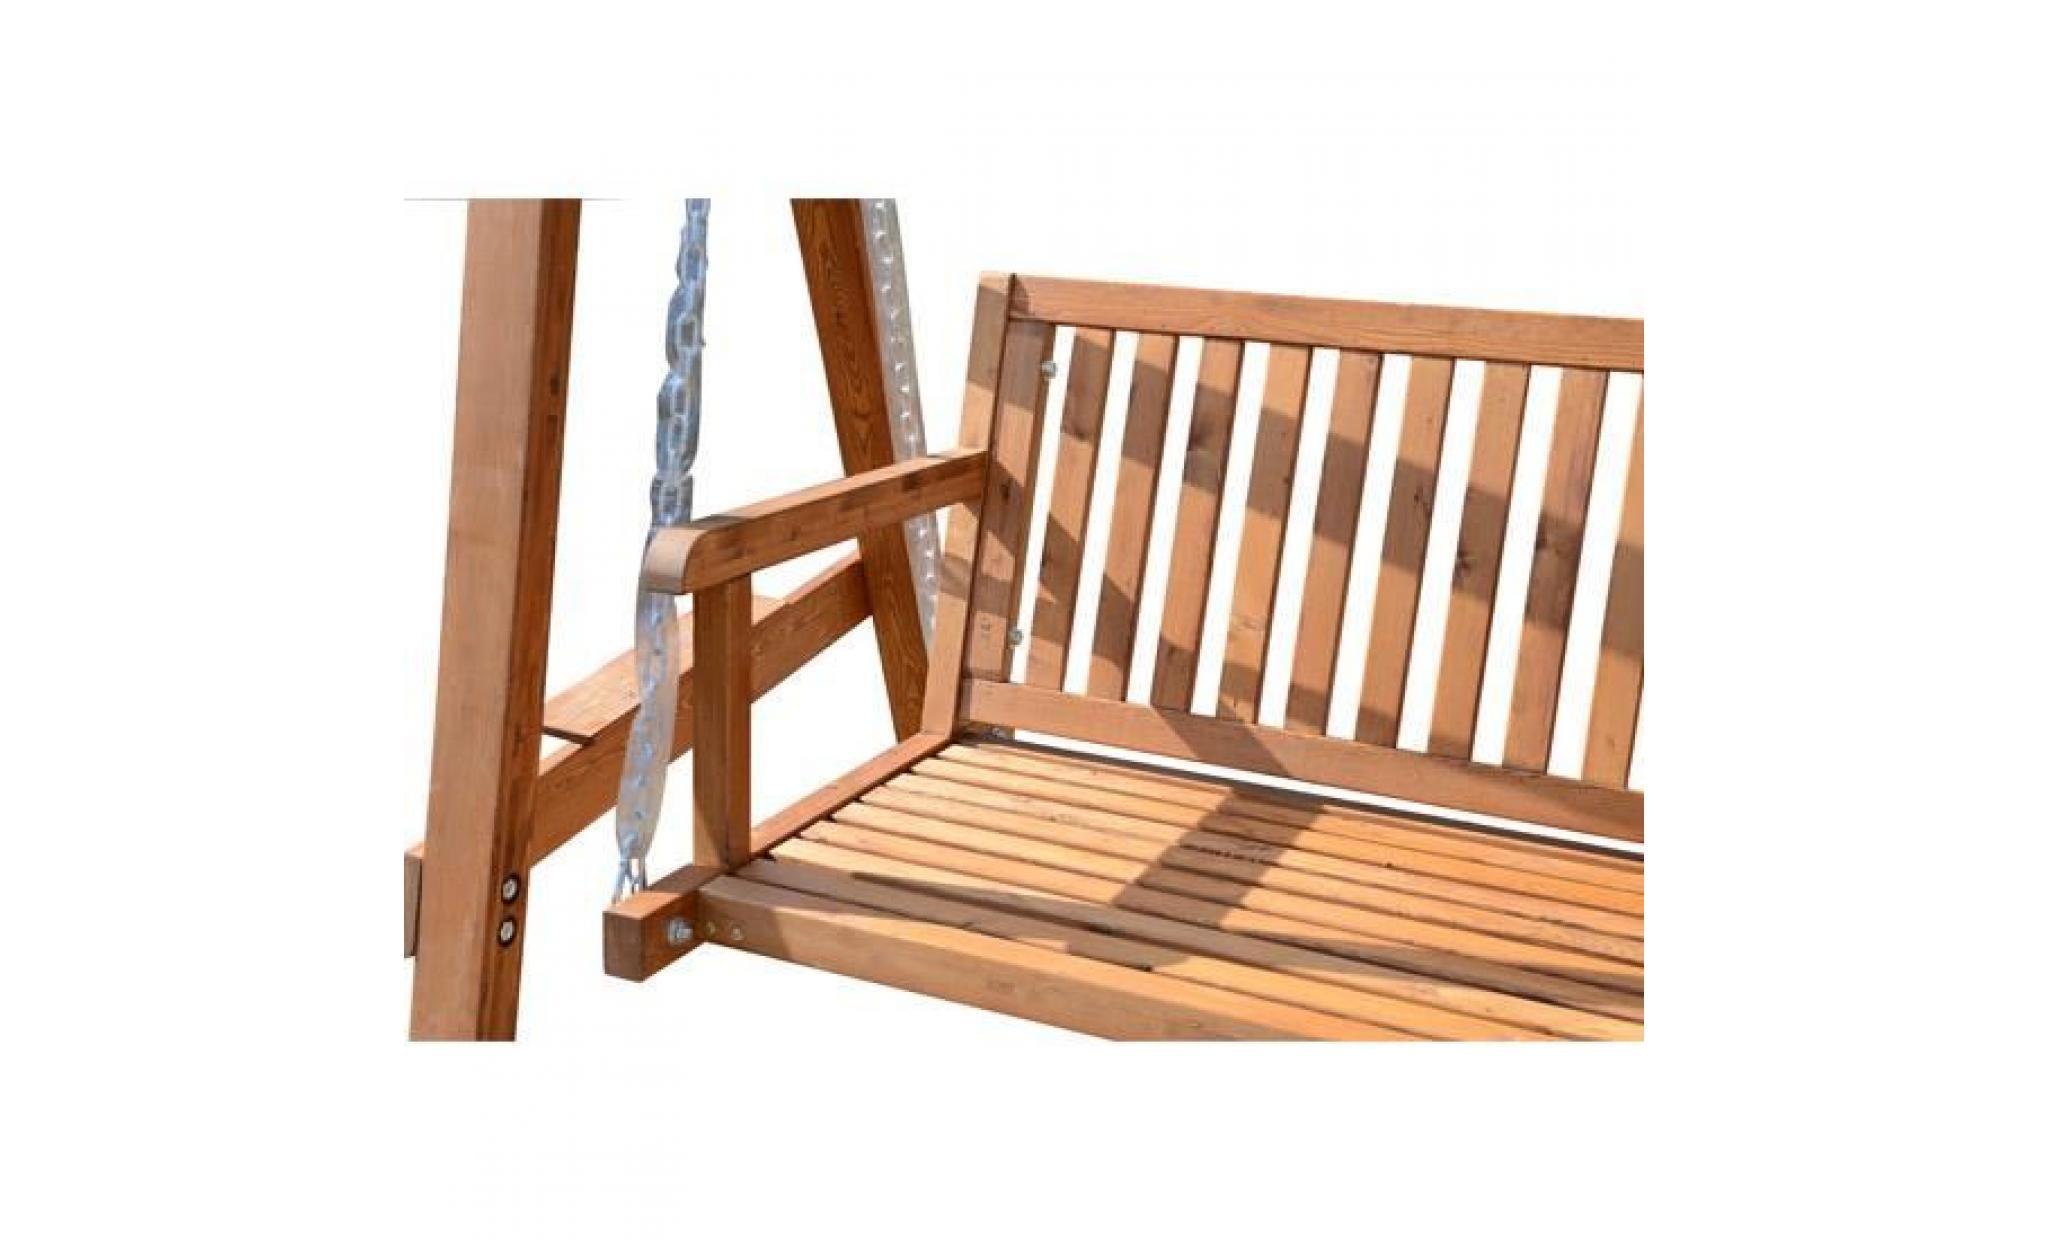 Balancelle Balançoire Hamac Banc Fauteuil De Jardin En Bois De Pin 3 Places  Charge Max. 360Kg tout Balancelle Bois Jardin